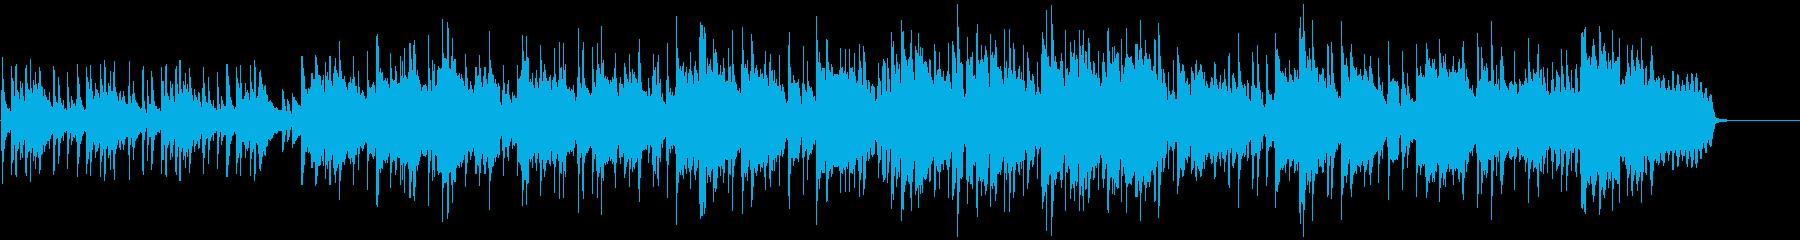 穏やか・爽やかなアコーディオンのボサノバの再生済みの波形